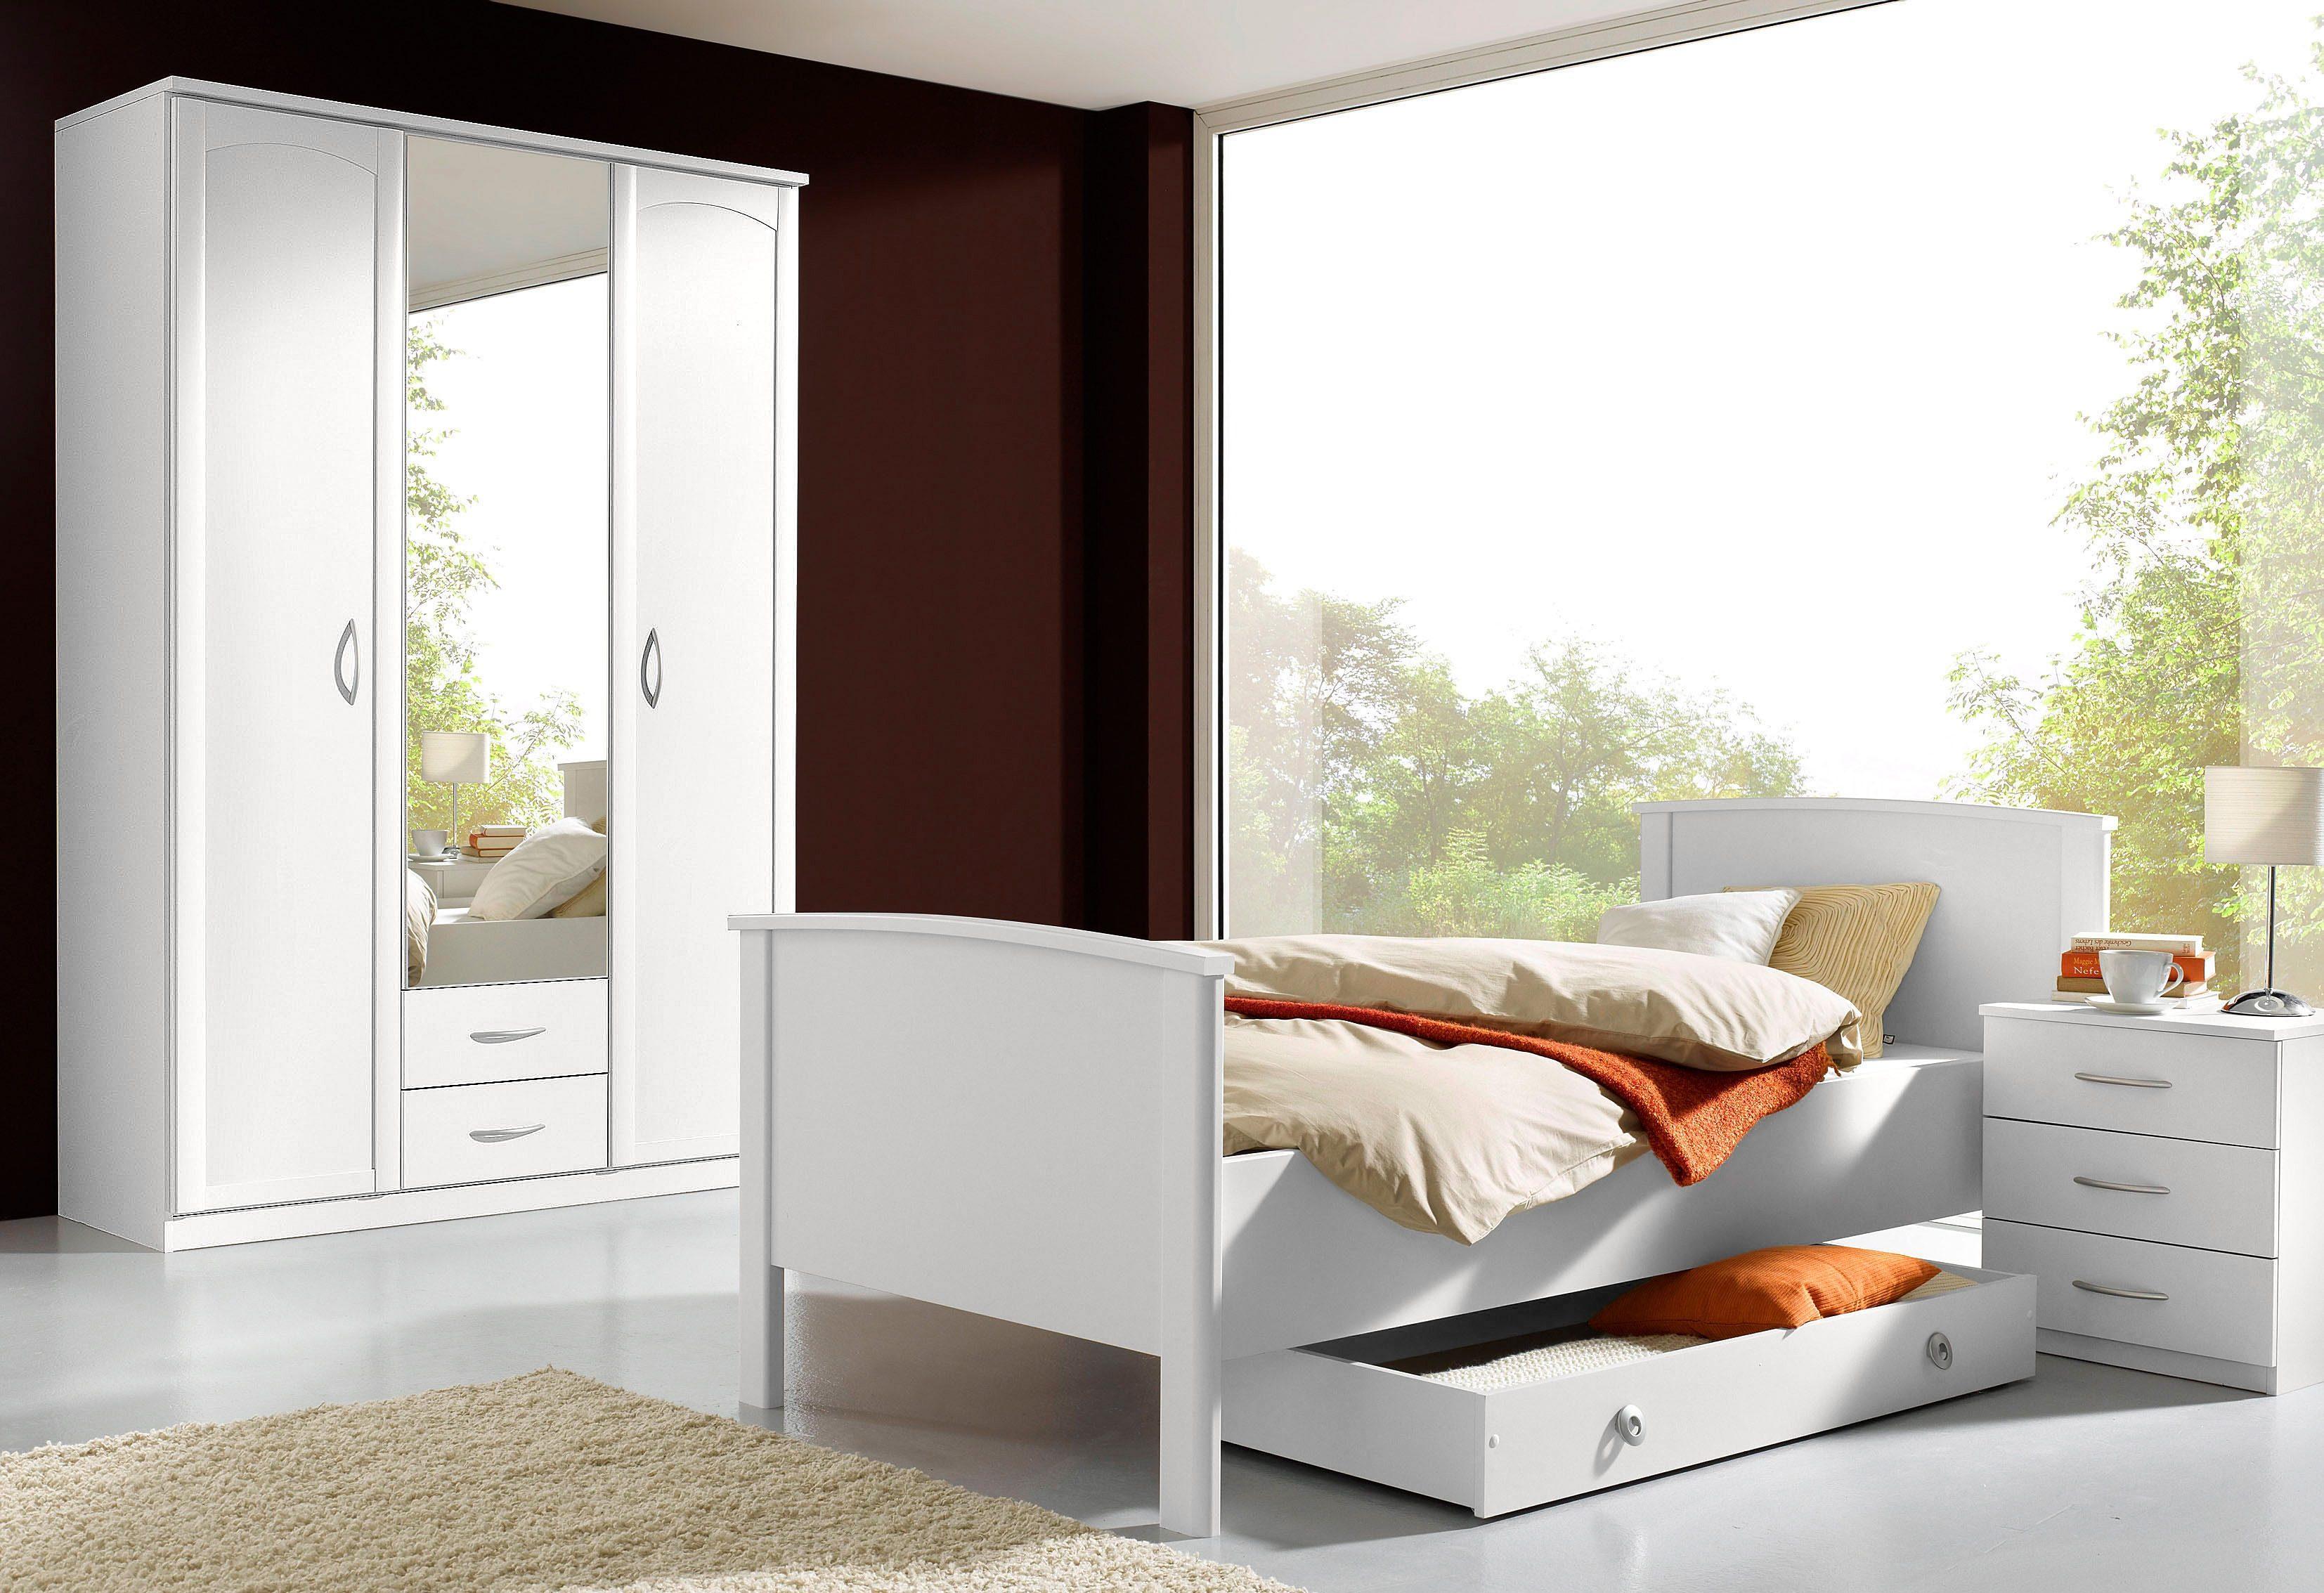 rauch Schlafzimmer-Set (3-tlg.) Preisvergleich